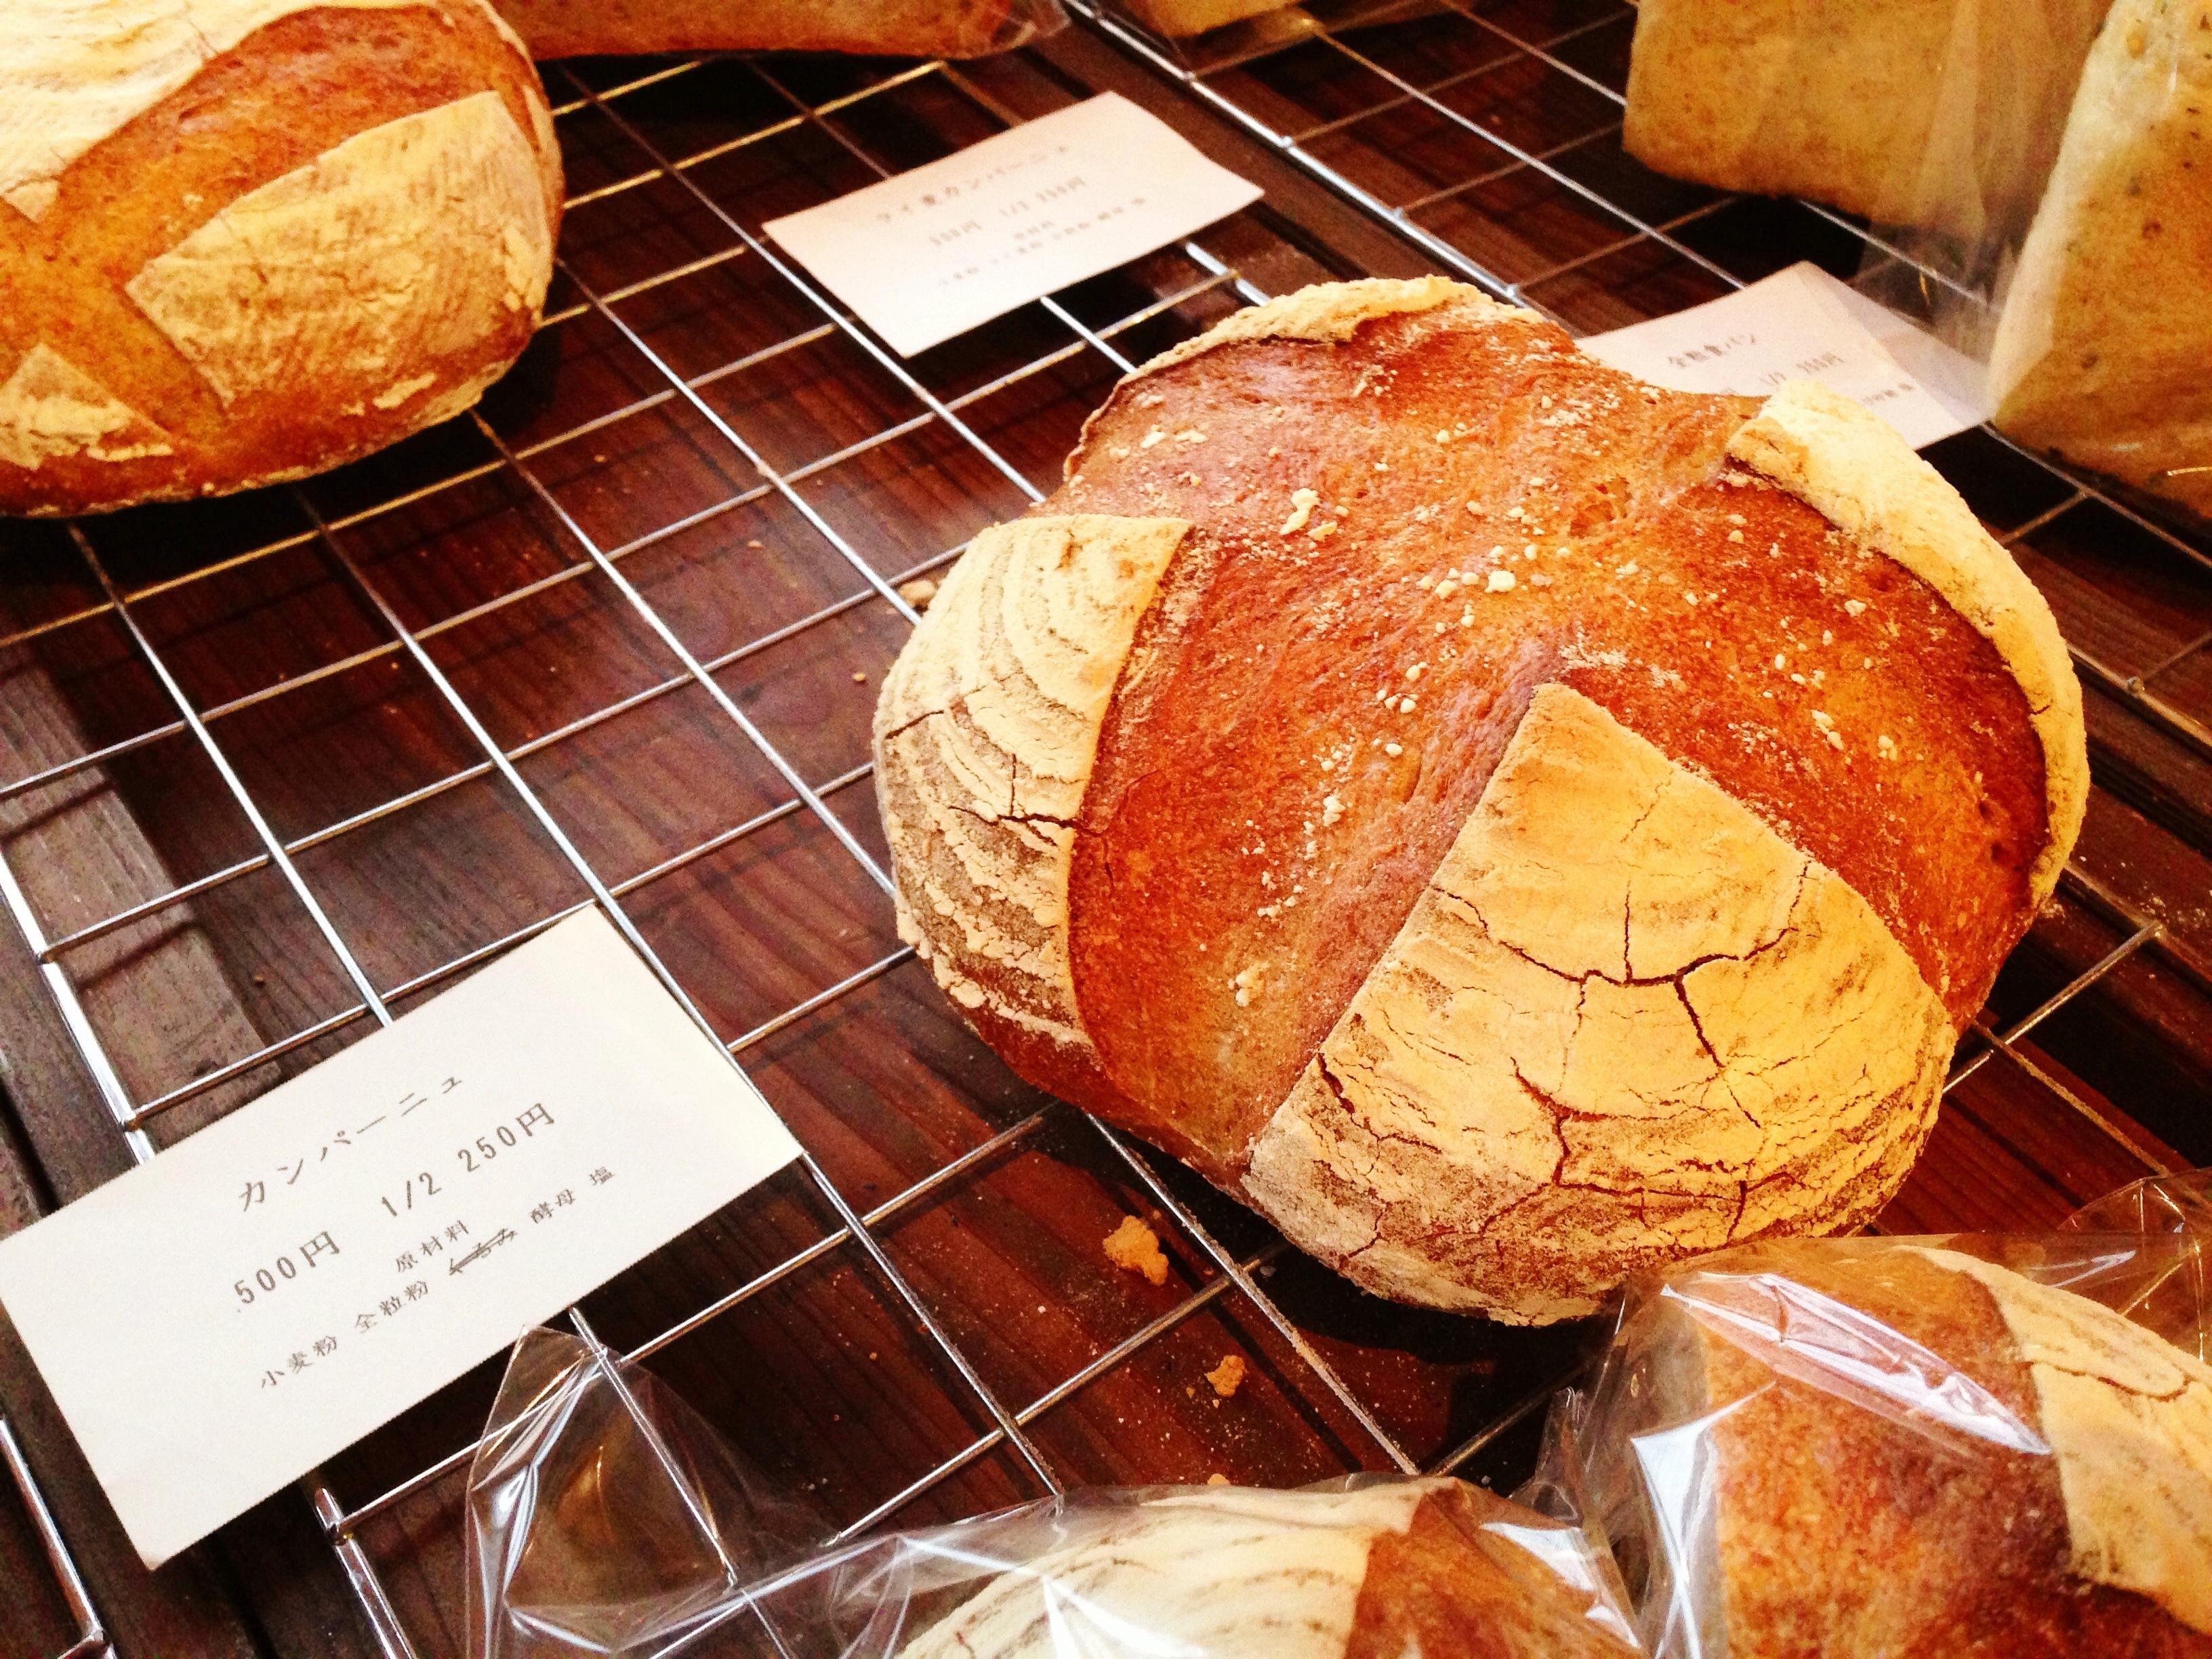 【糸島】古民家にしか見えないけど実はパン屋さん!オーナーの魂を感じる絶品ハード系パンを味わう「自家製酵母パン のたり」